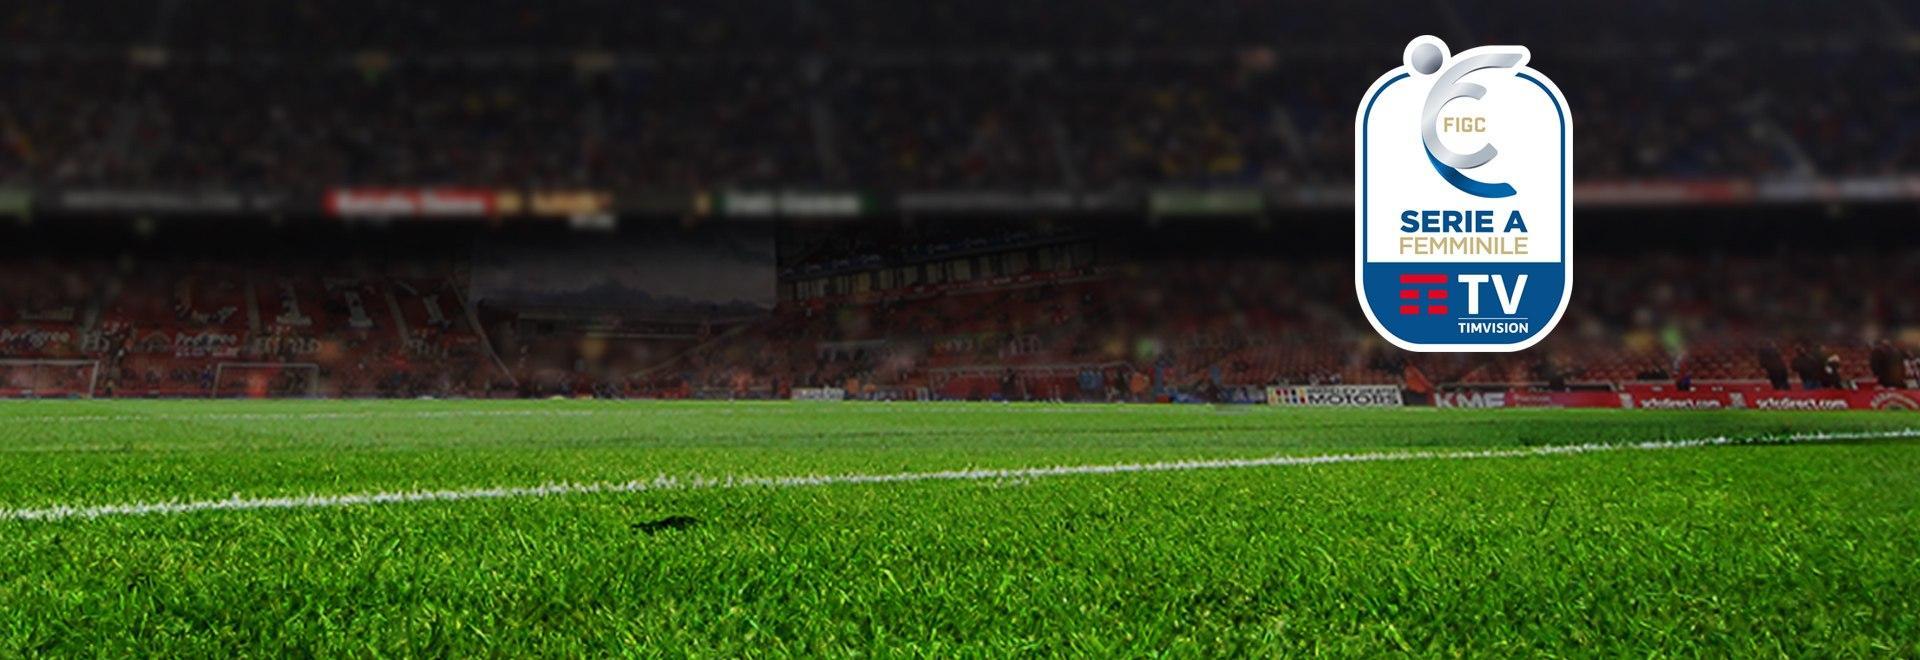 Milan - Juventus. 6a g.